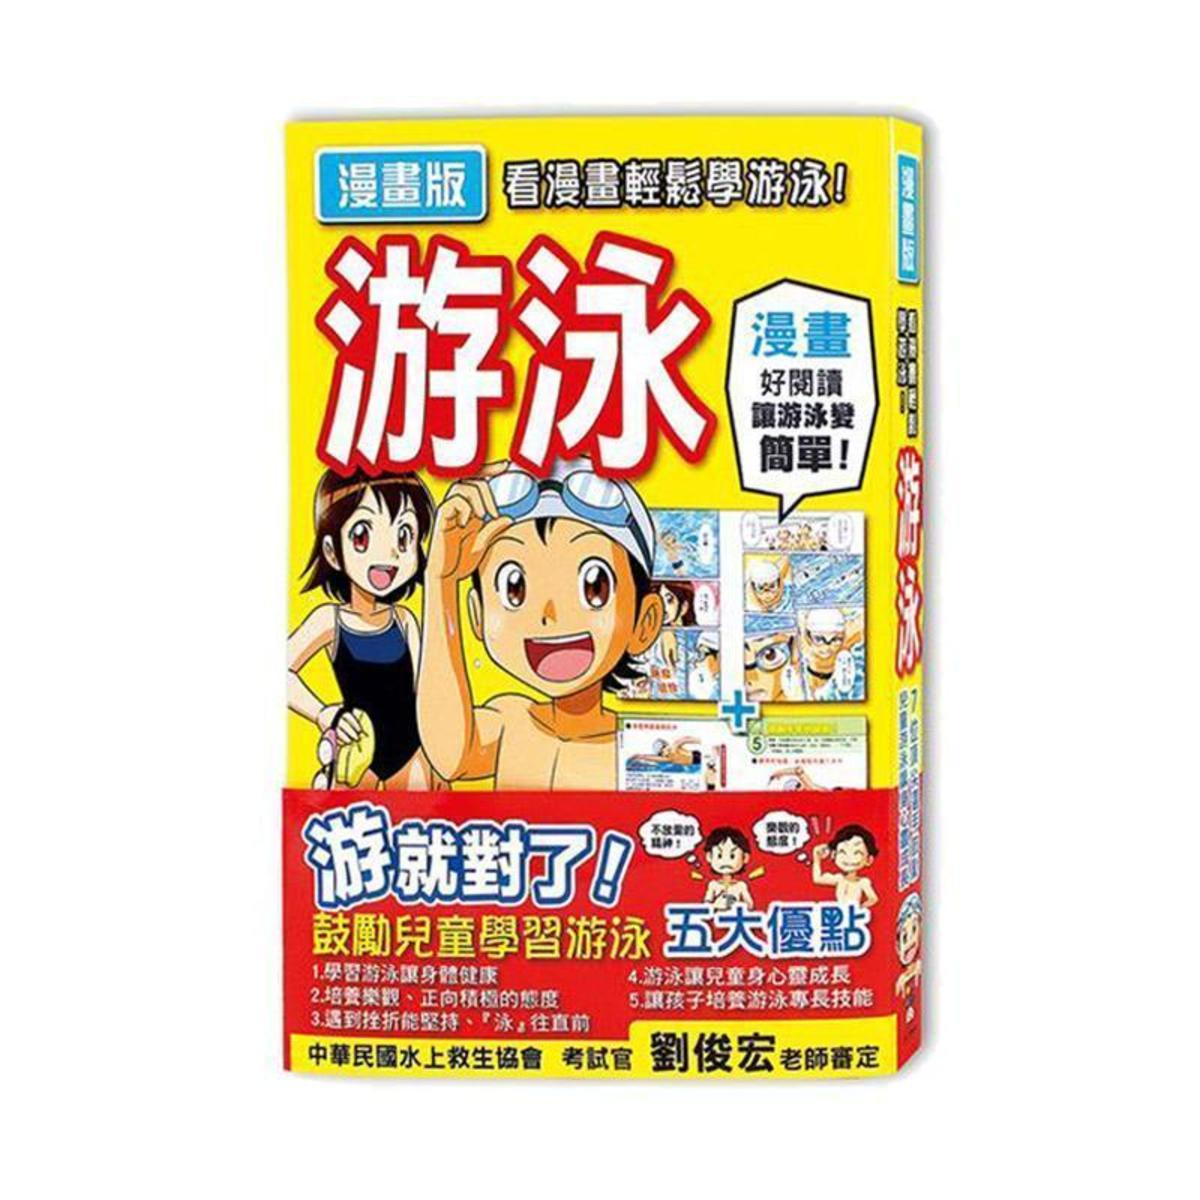 看漫畫輕鬆學游泳! 游泳漫畫 台灣進口 (7歲以上)